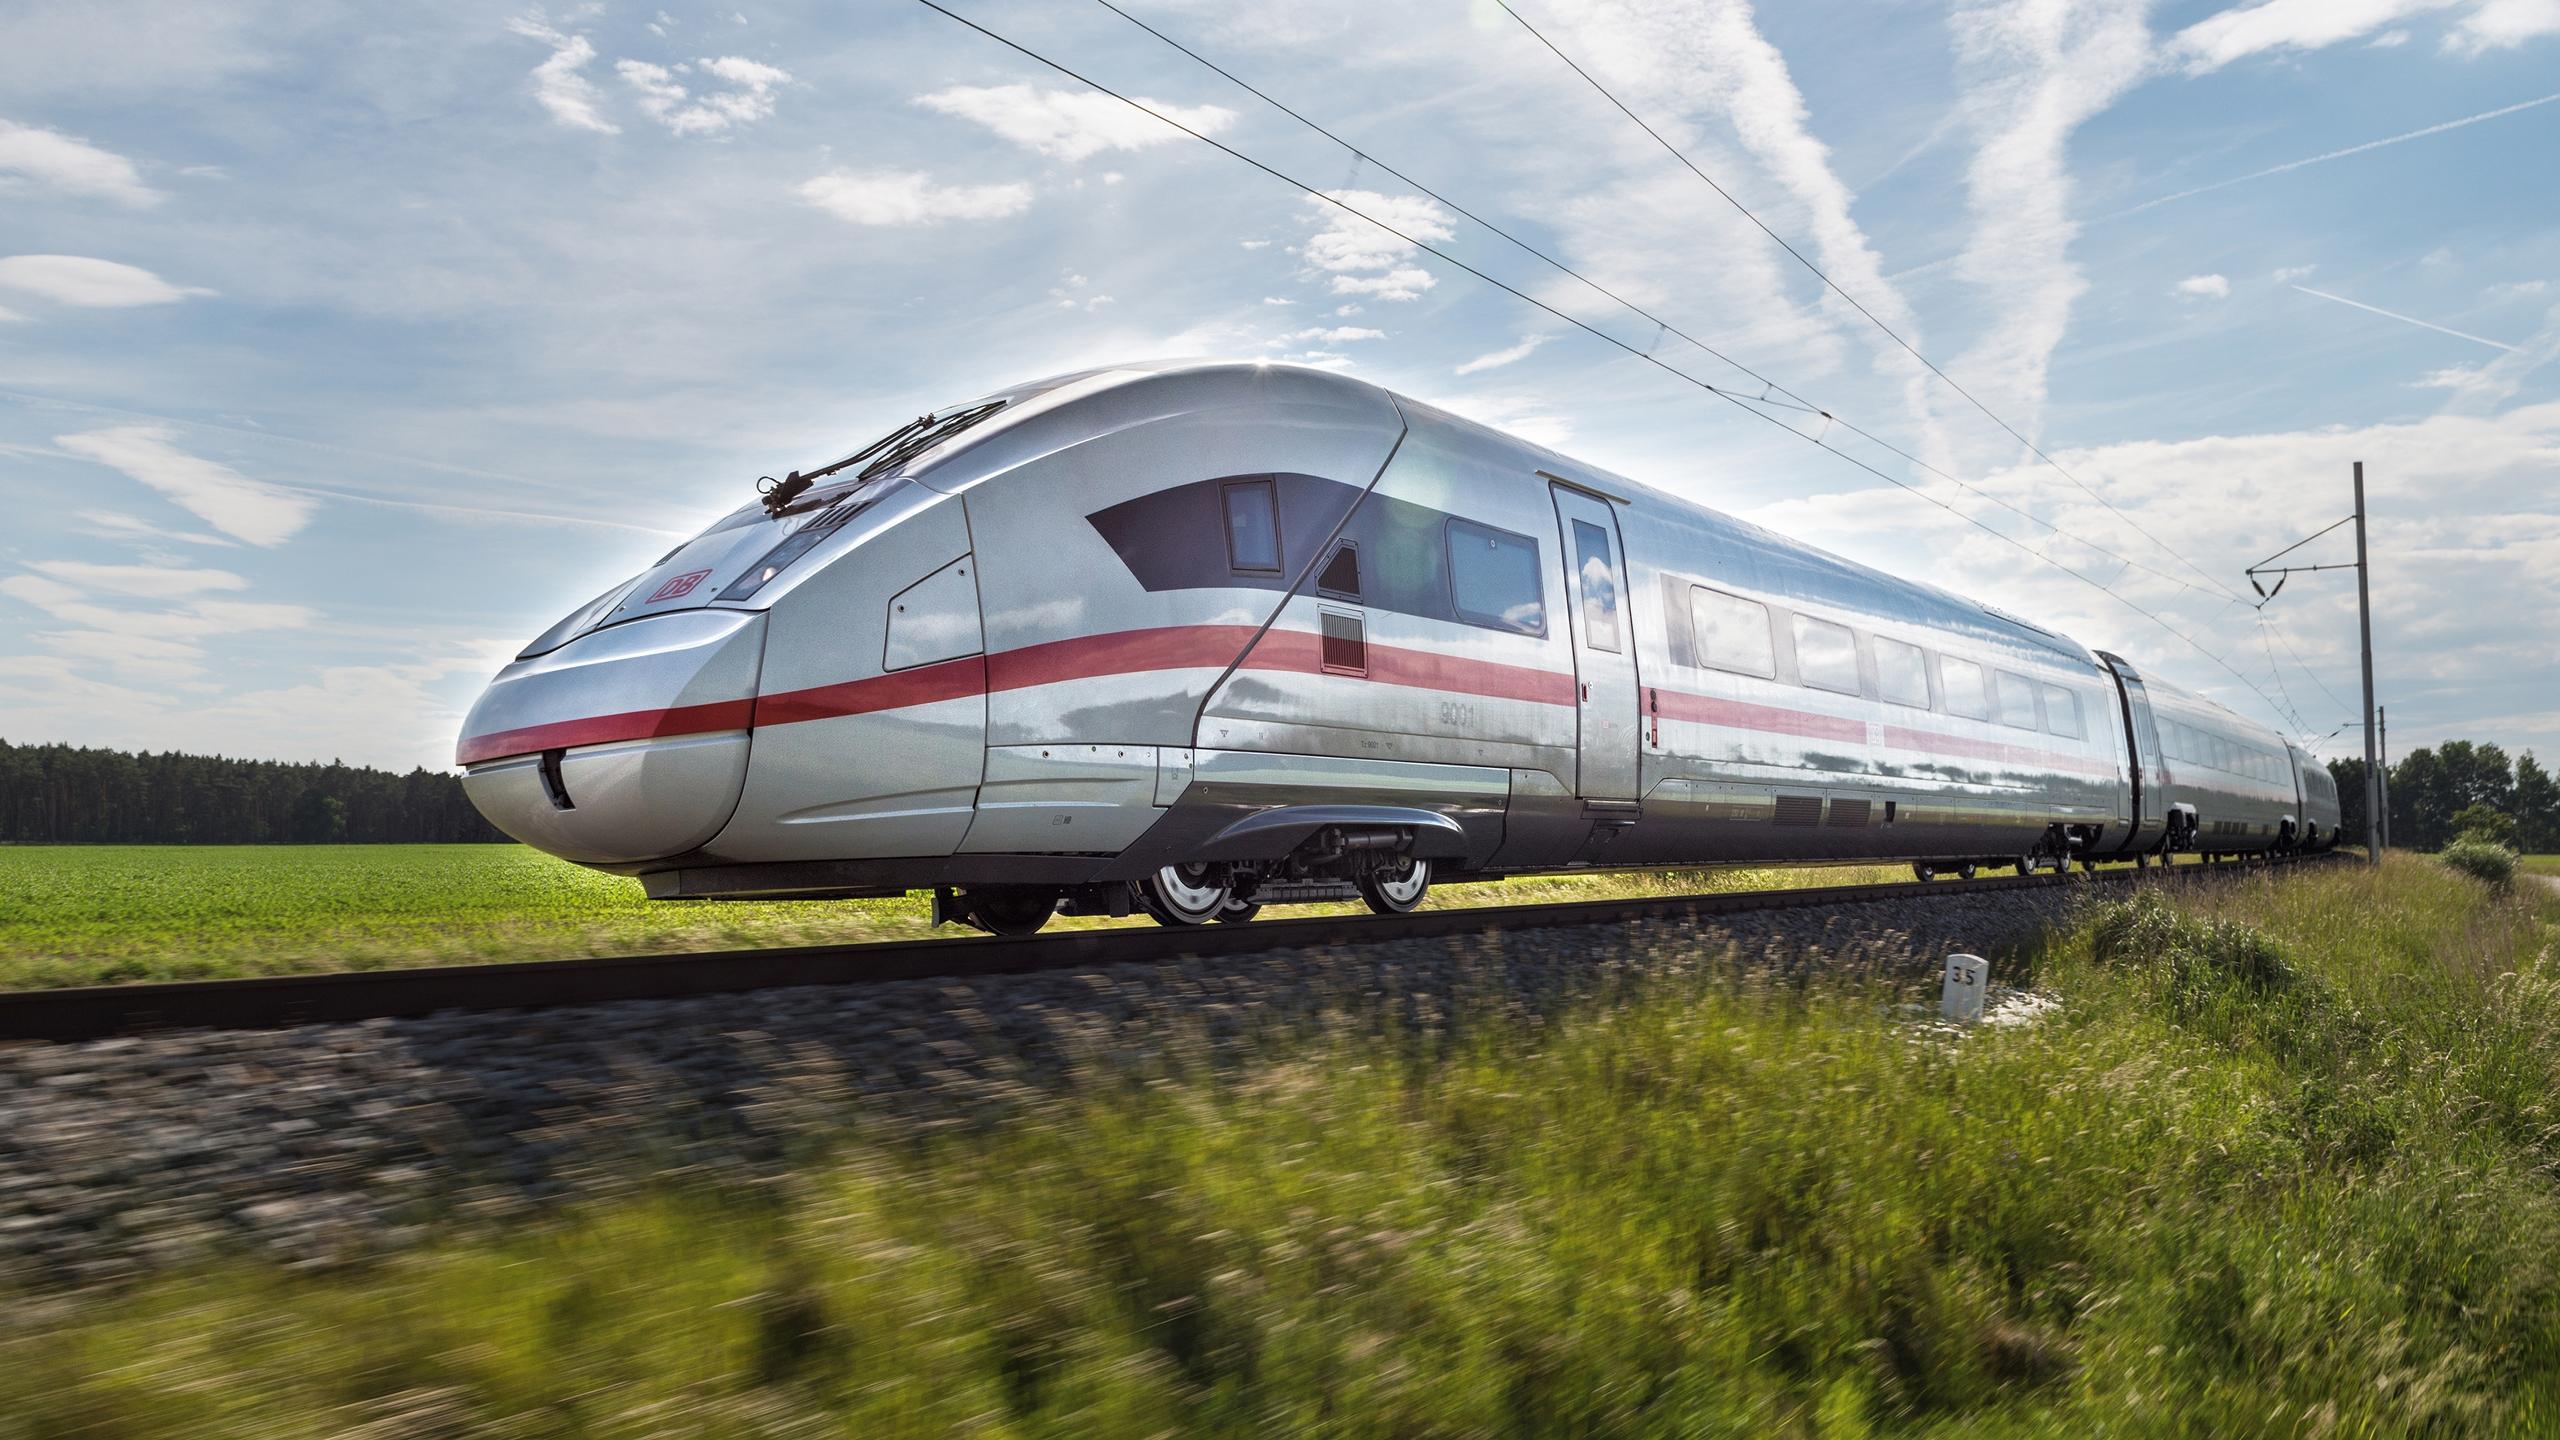 Reguladores europeos vetarán la fusión de Siemens y Alston: fuentes